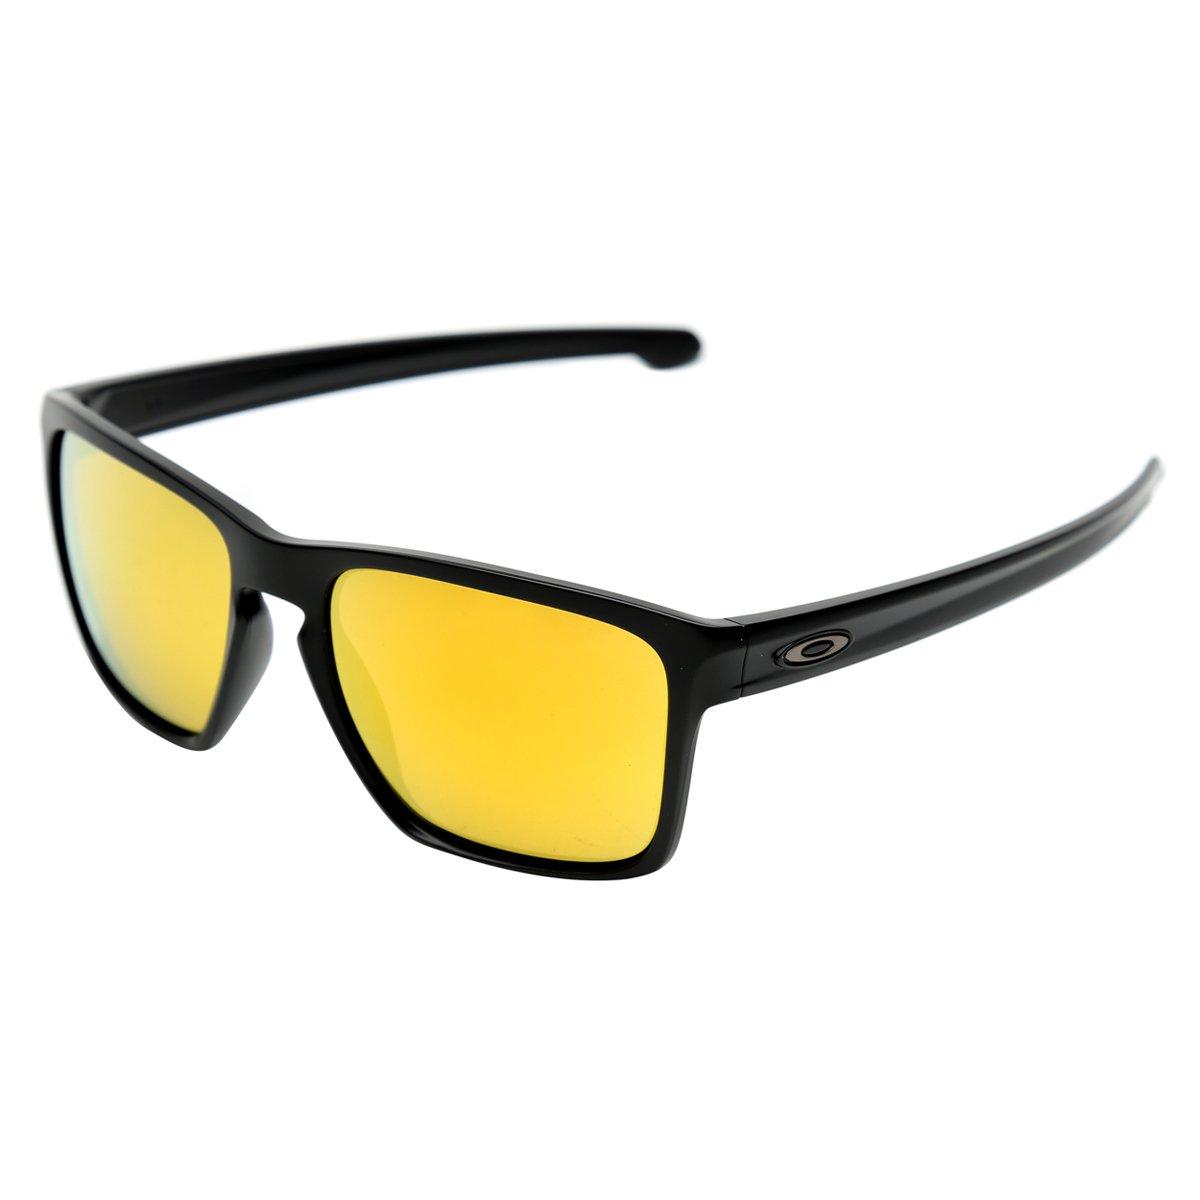 dd2108c261ff8 Óculos Oakley Sliver Xl-Iridium - Compre Agora   Zattini